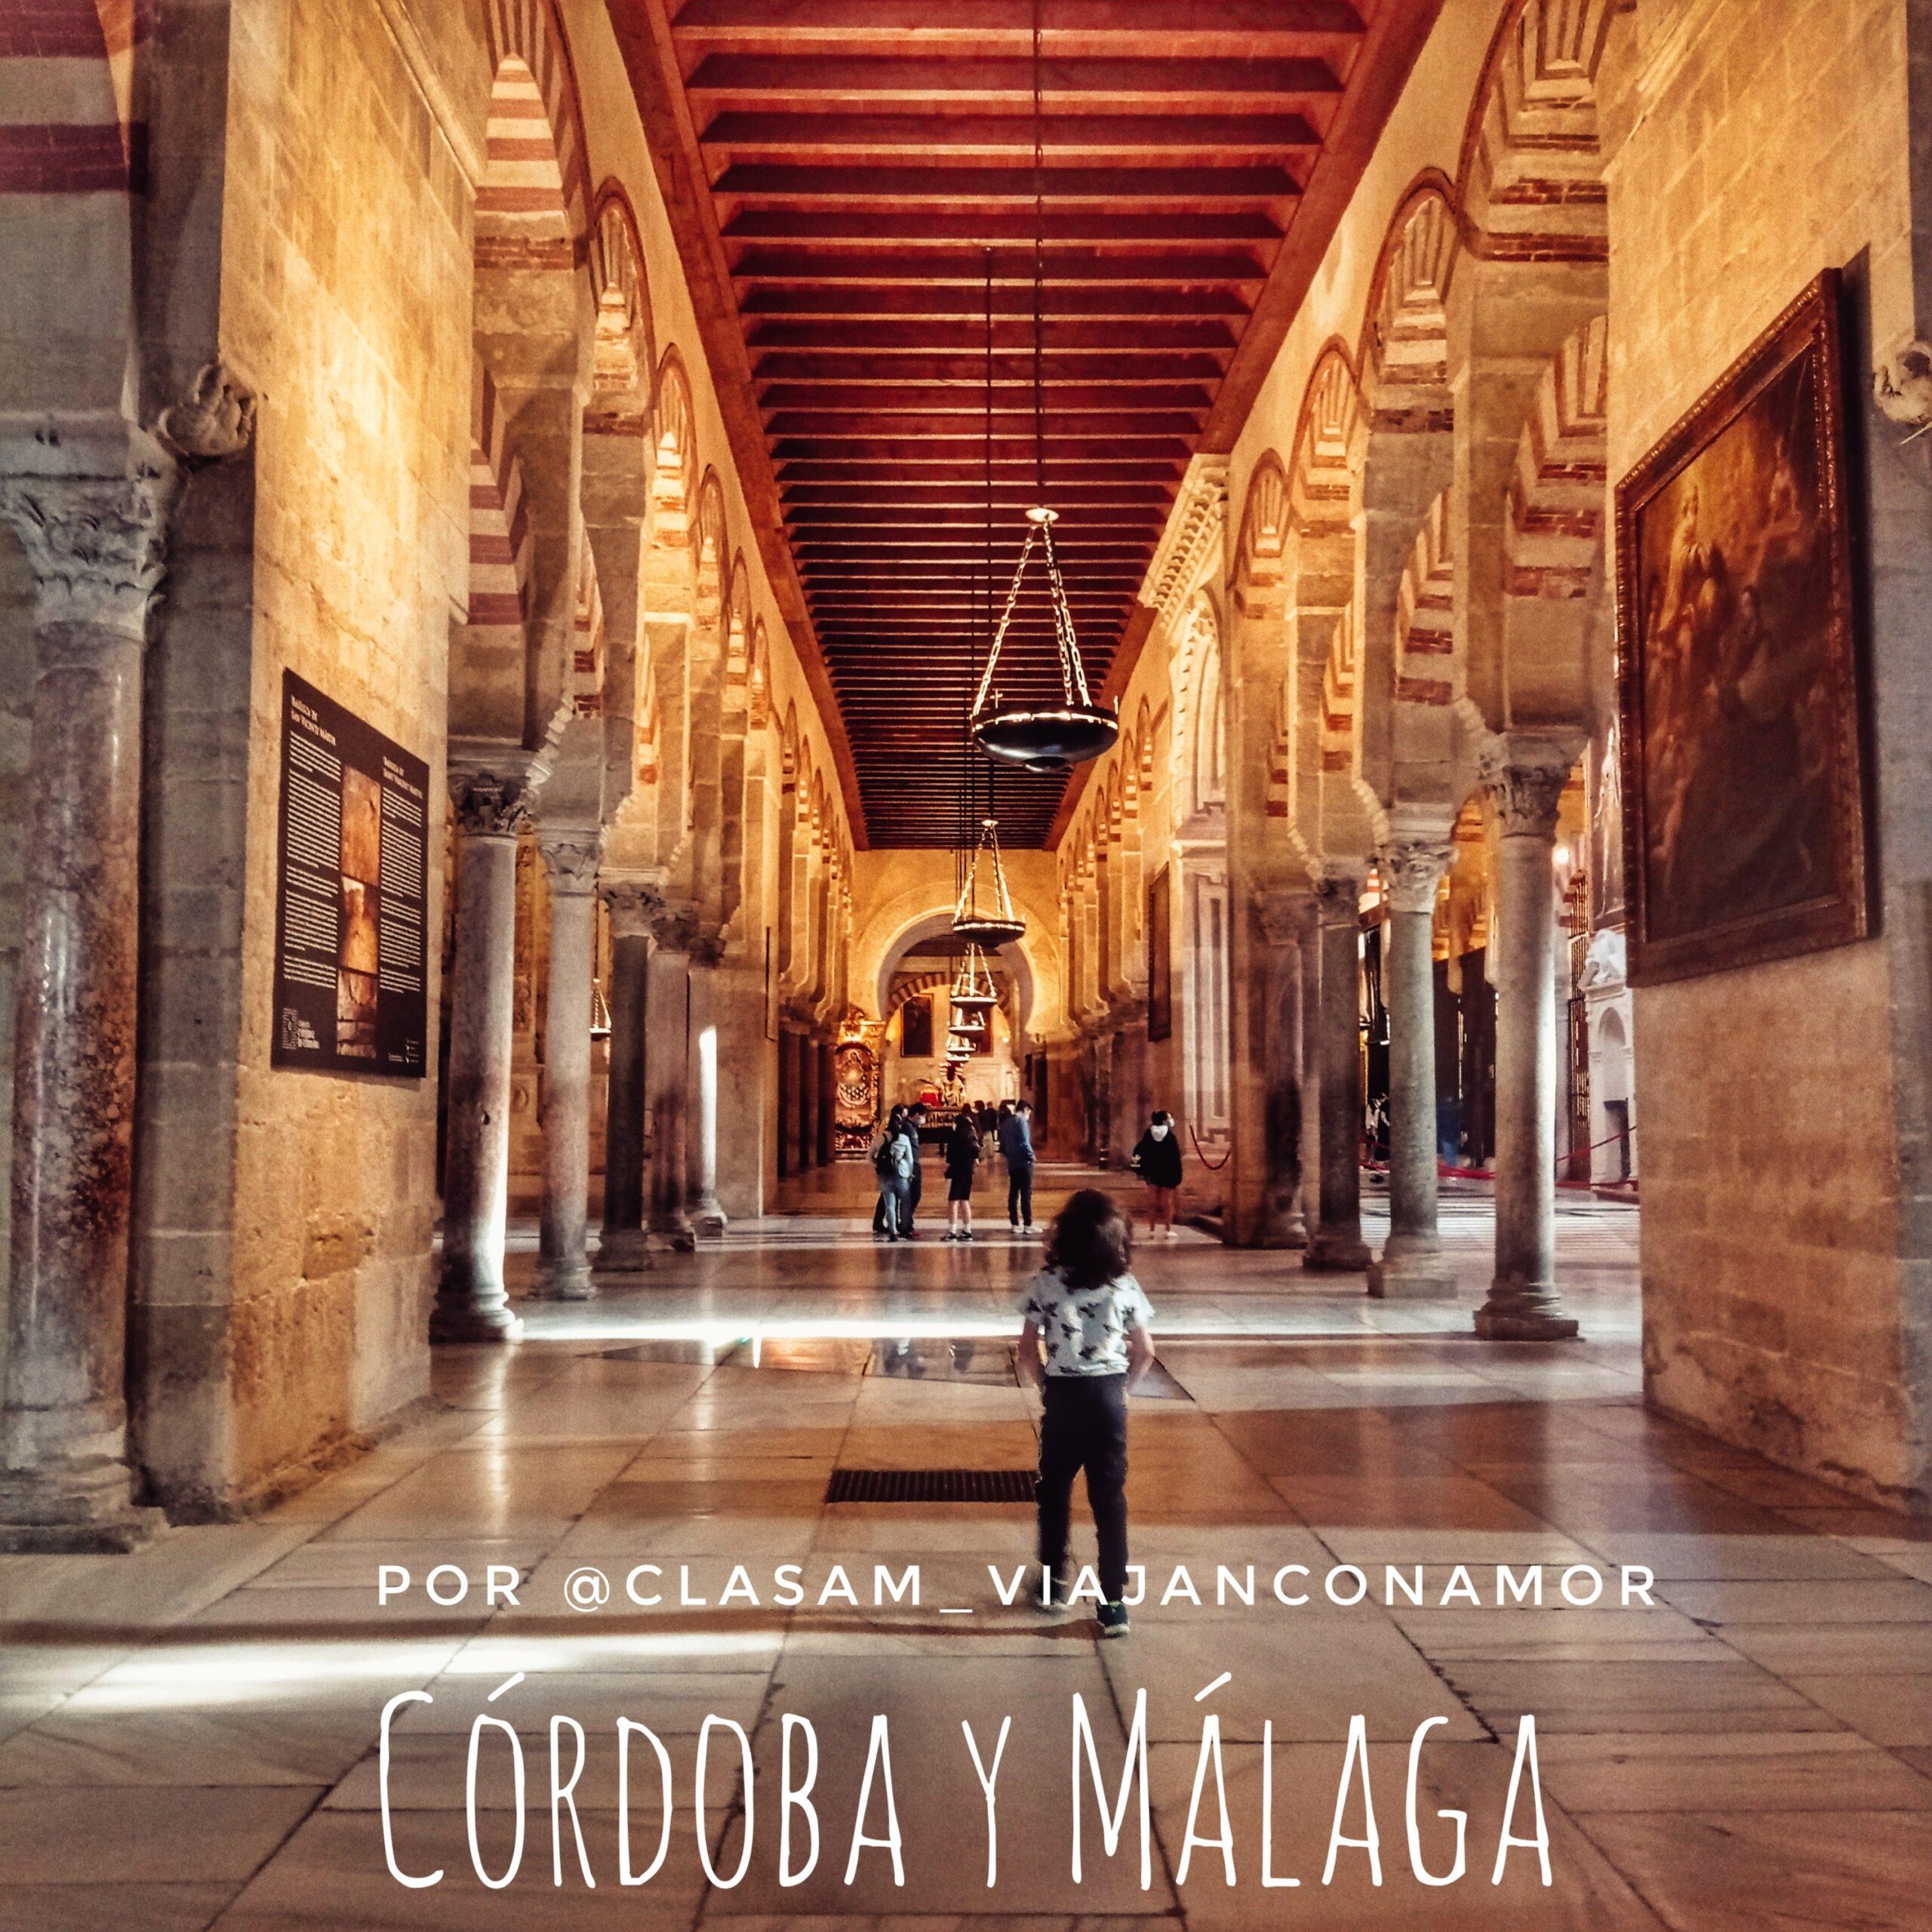 Ruta de una escapada por Córdoba y Málaga en autocaravana por @clasam_viajanconamor